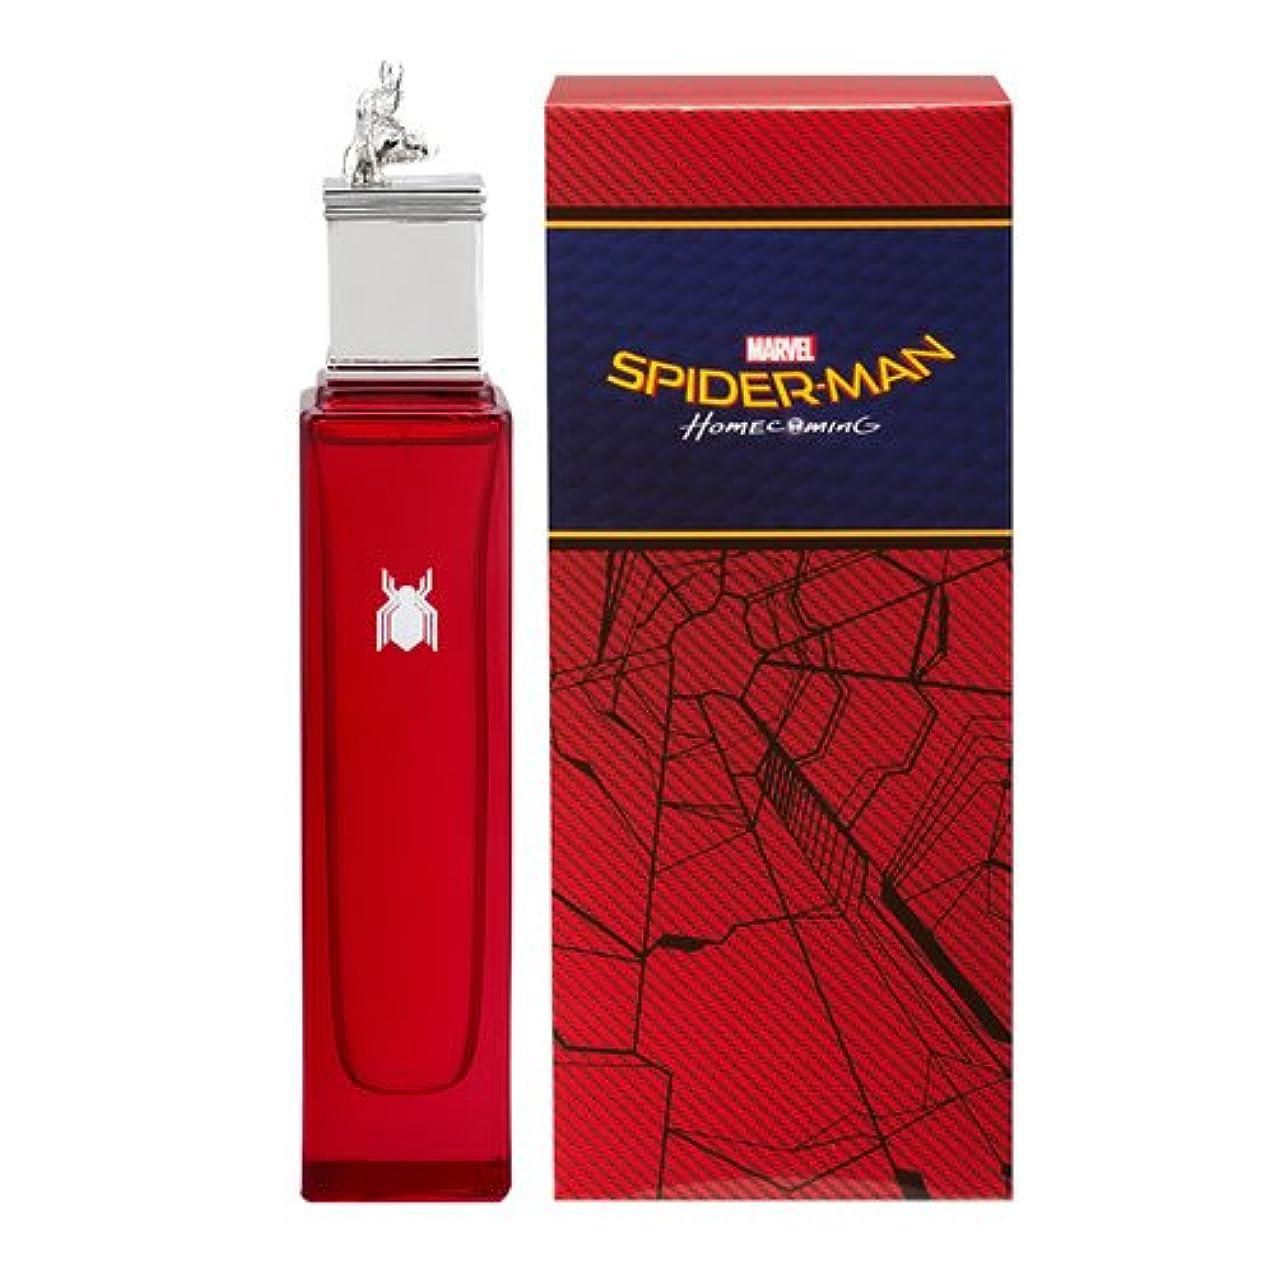 れる指帳面◆【MARVEL】Unisex香水◆トゥーザシーン スパイダーマン オードトワレEDT 50ml◆